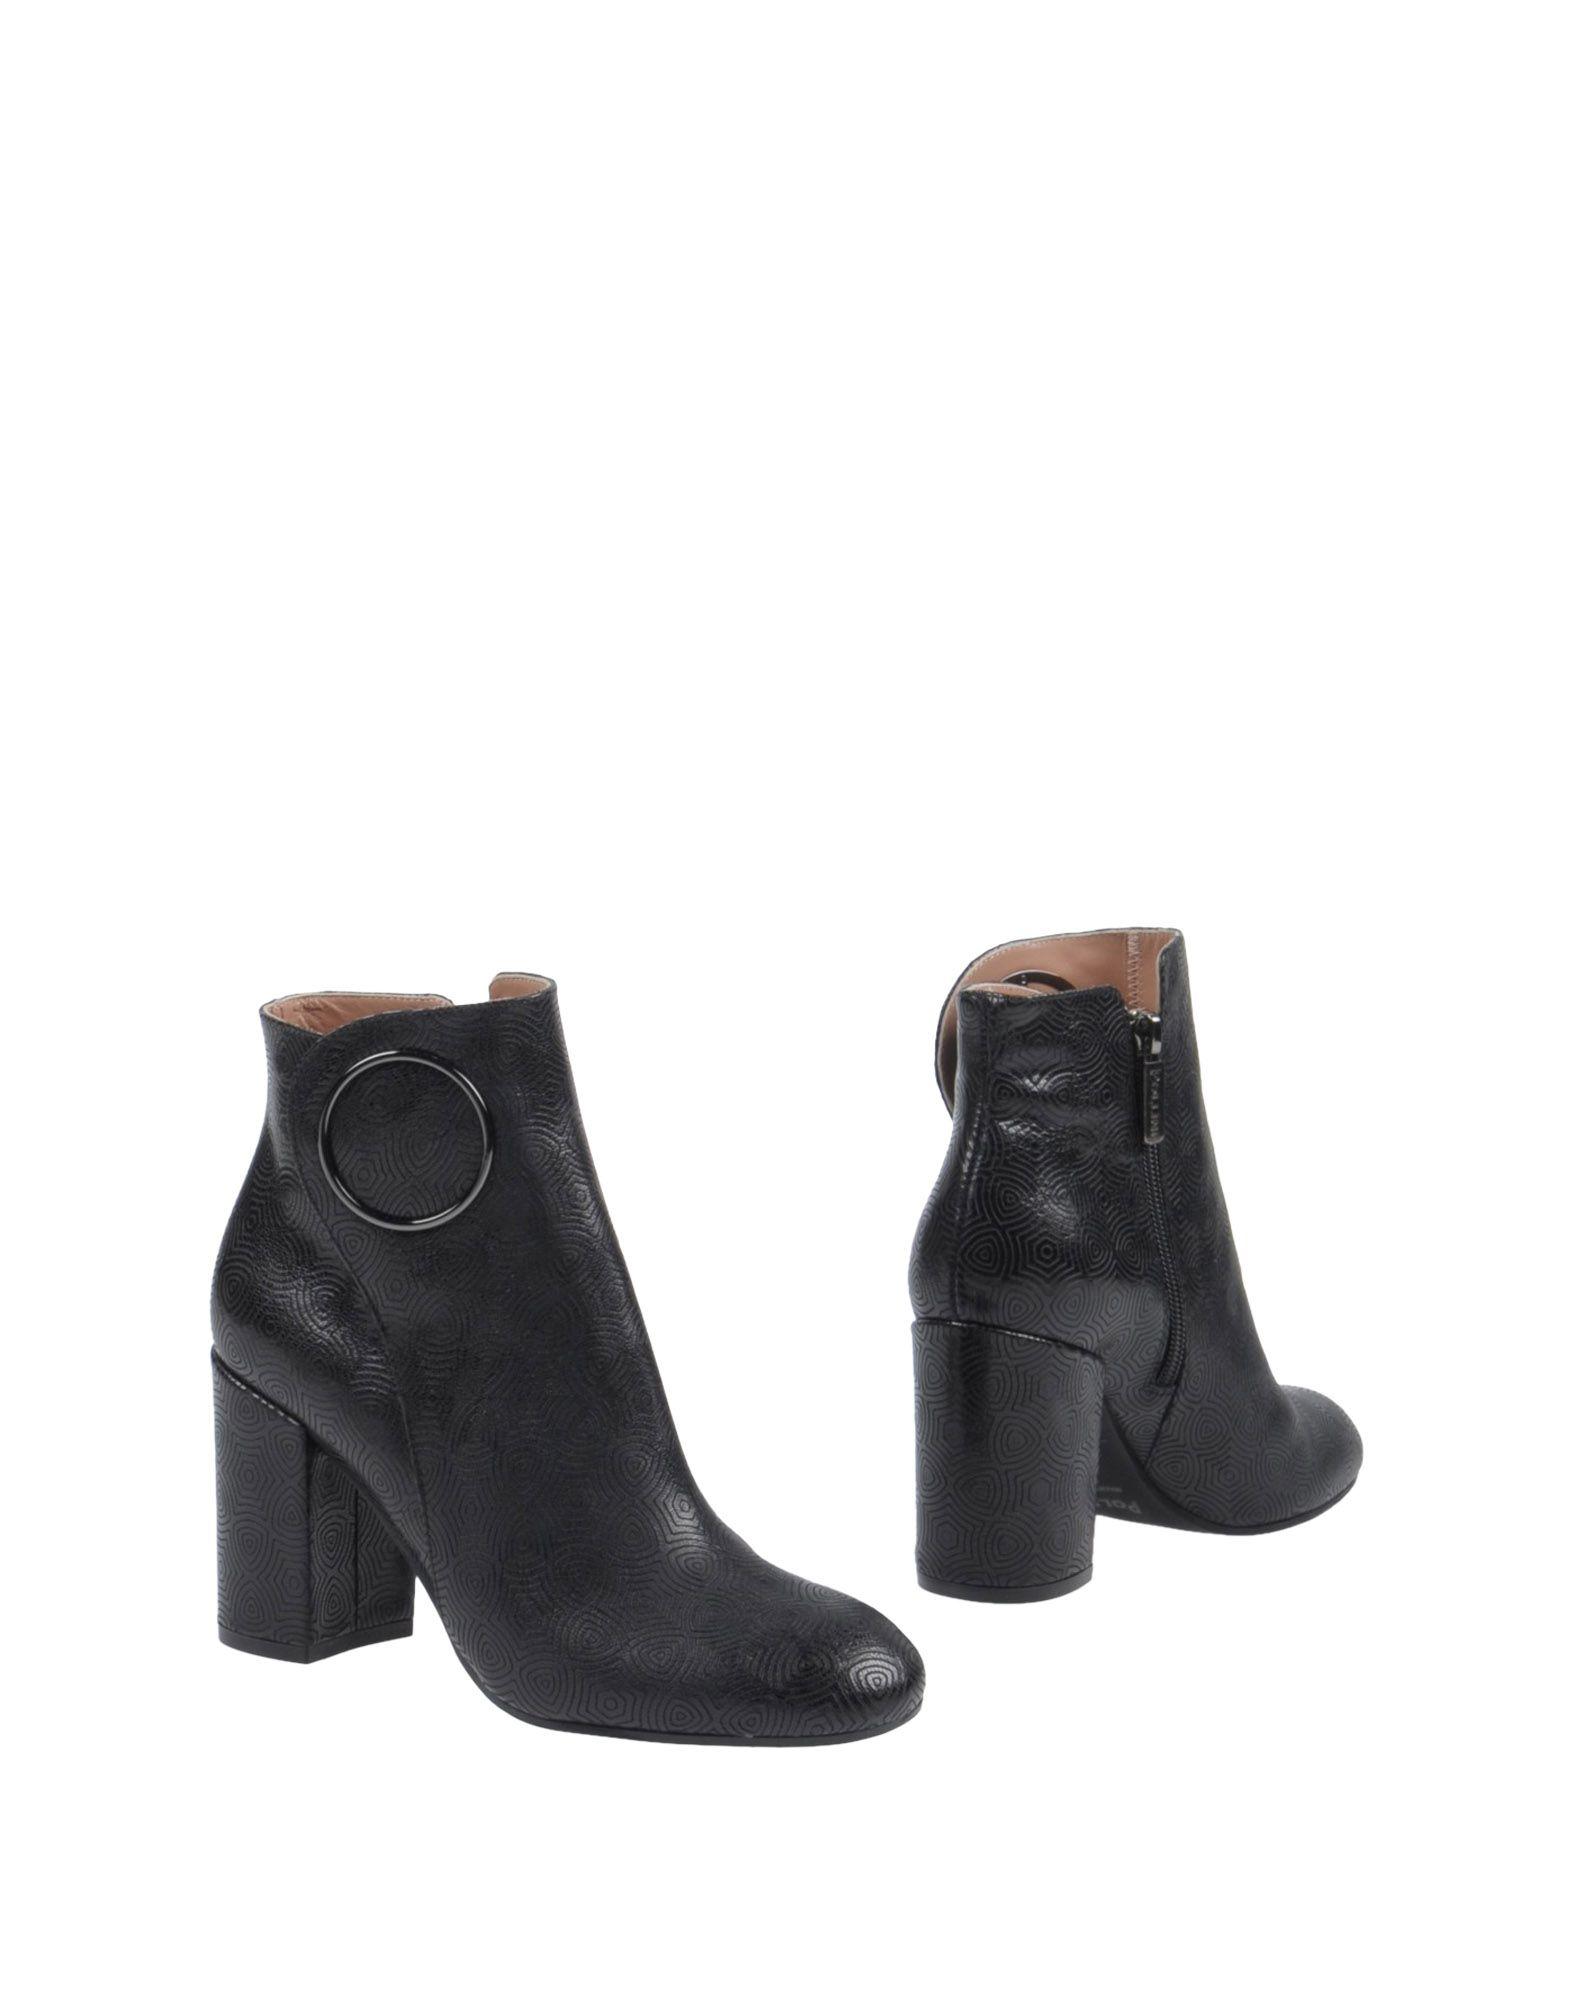 Pollini Stiefelette Damen  11446766JDGut aussehende strapazierfähige Schuhe